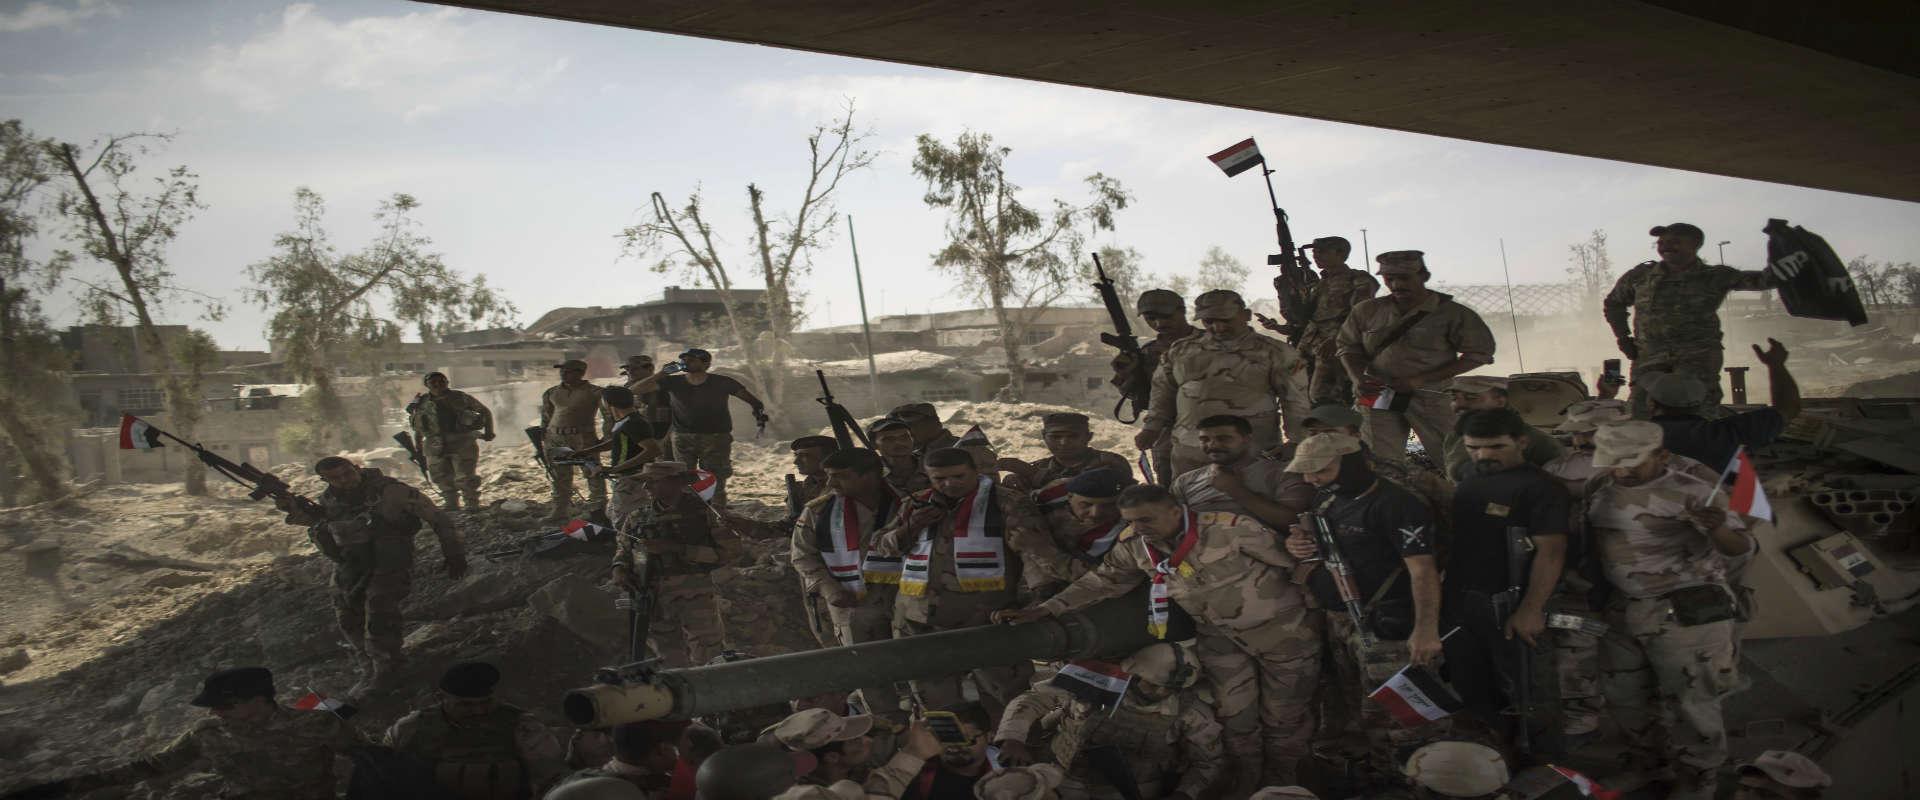 לוחמי צבא עיראק חוגגים את ניצחונם על דאעש בעיר העת